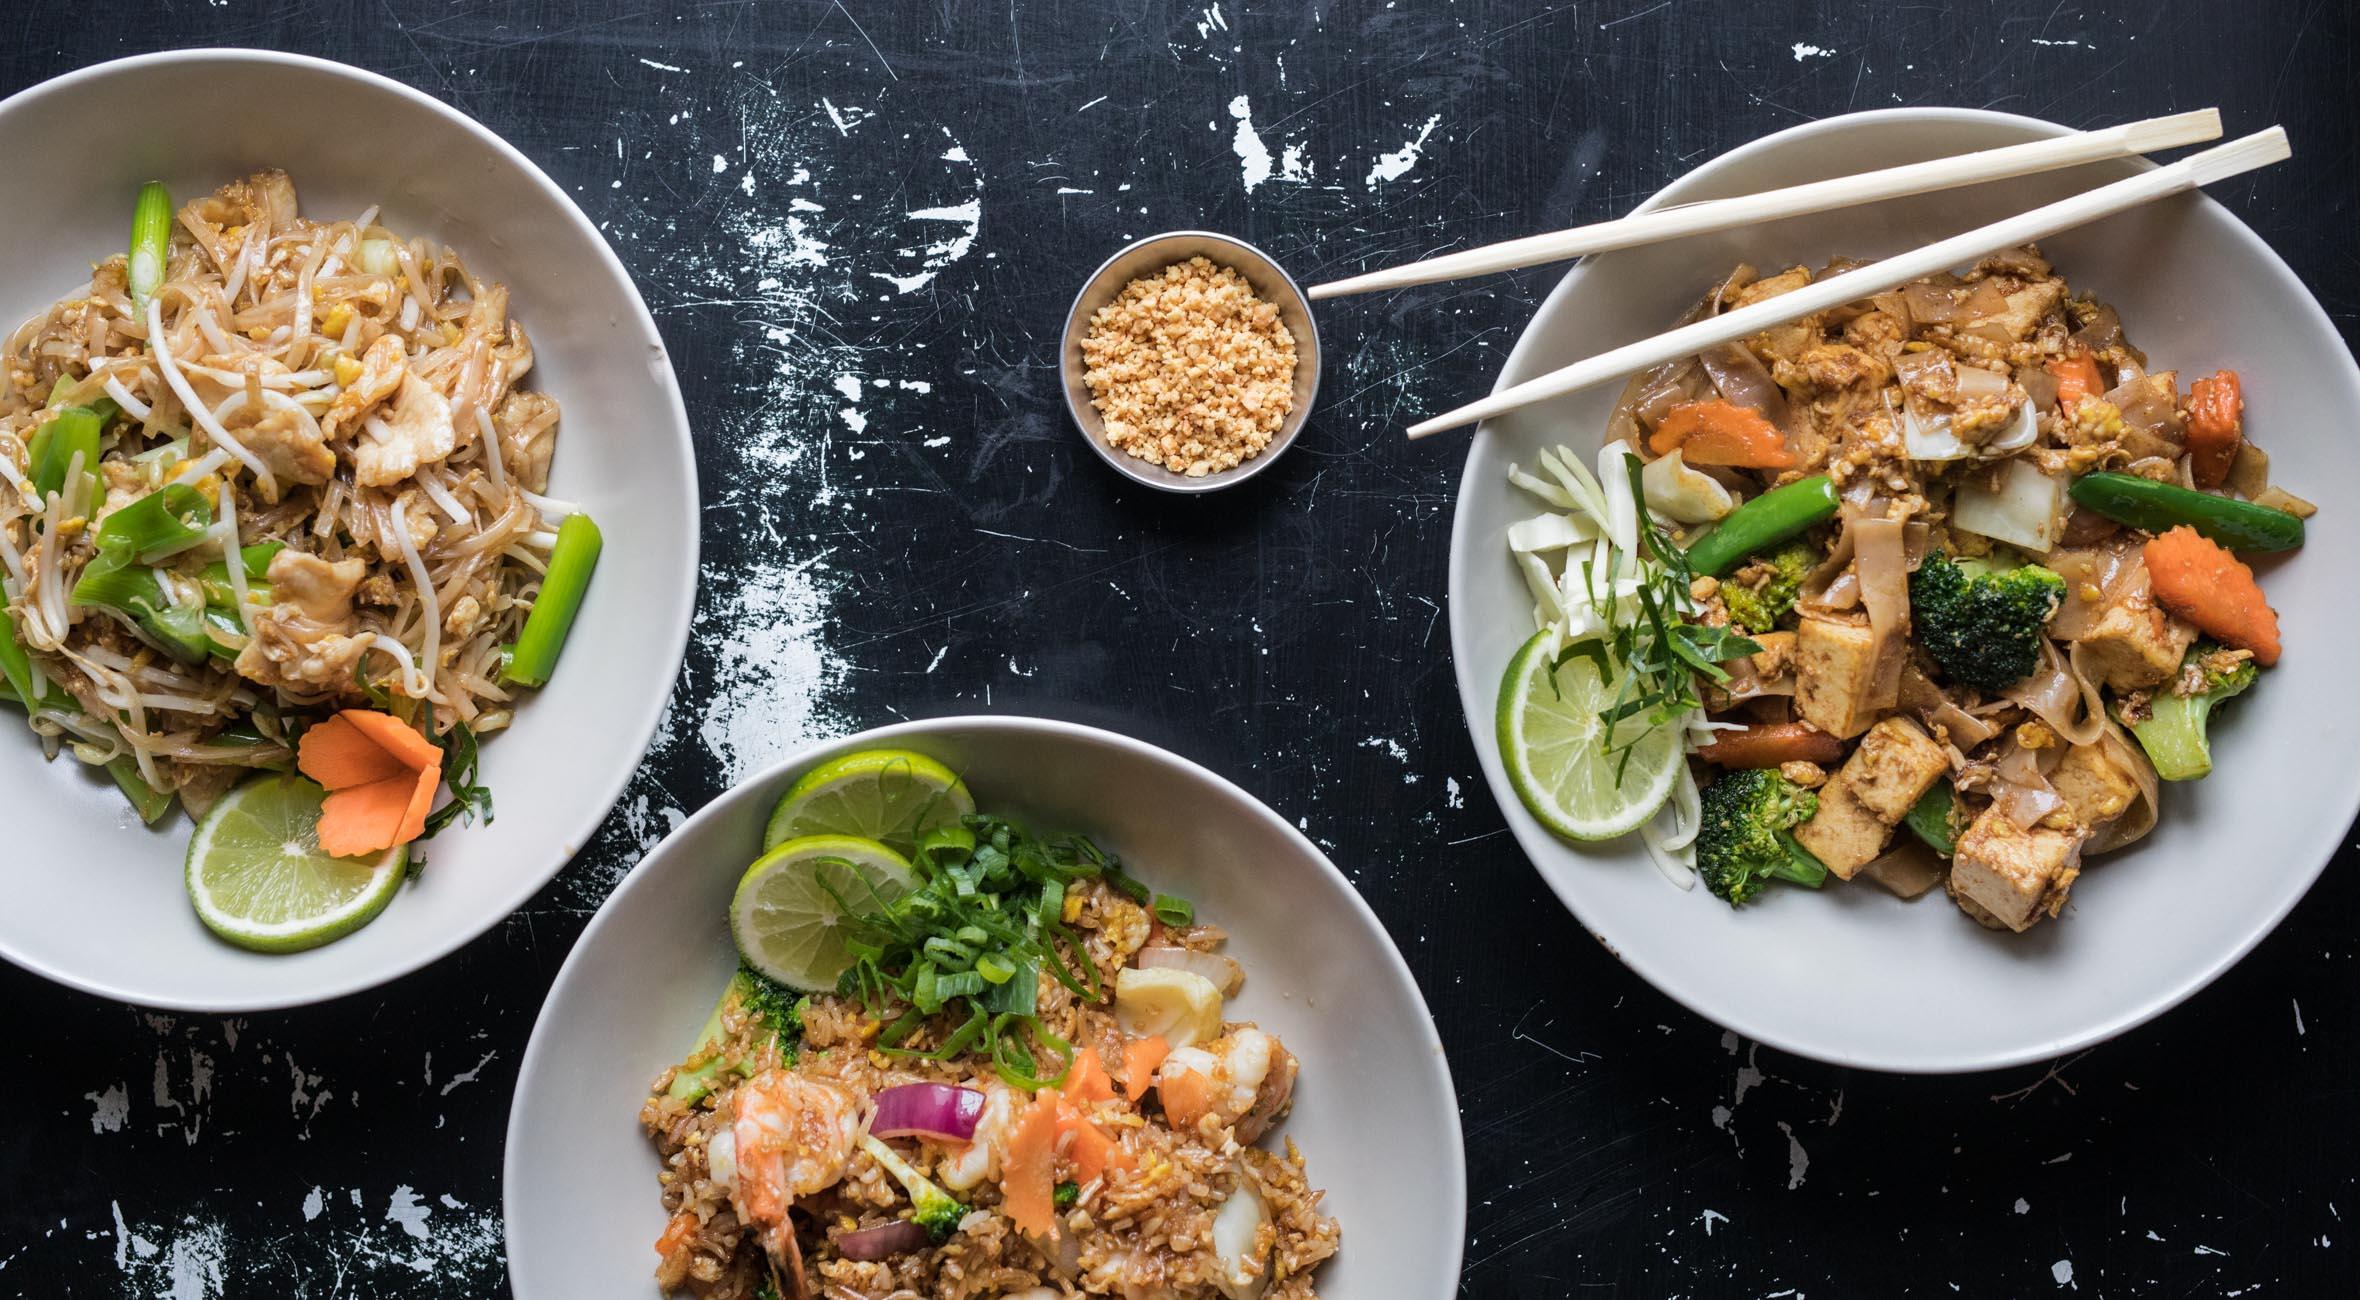 Frit valg til alt hos CaféLoppen på Christiania – Ét af landets bedste thai-køkkener slår benene væk under gæster og madanmeldere